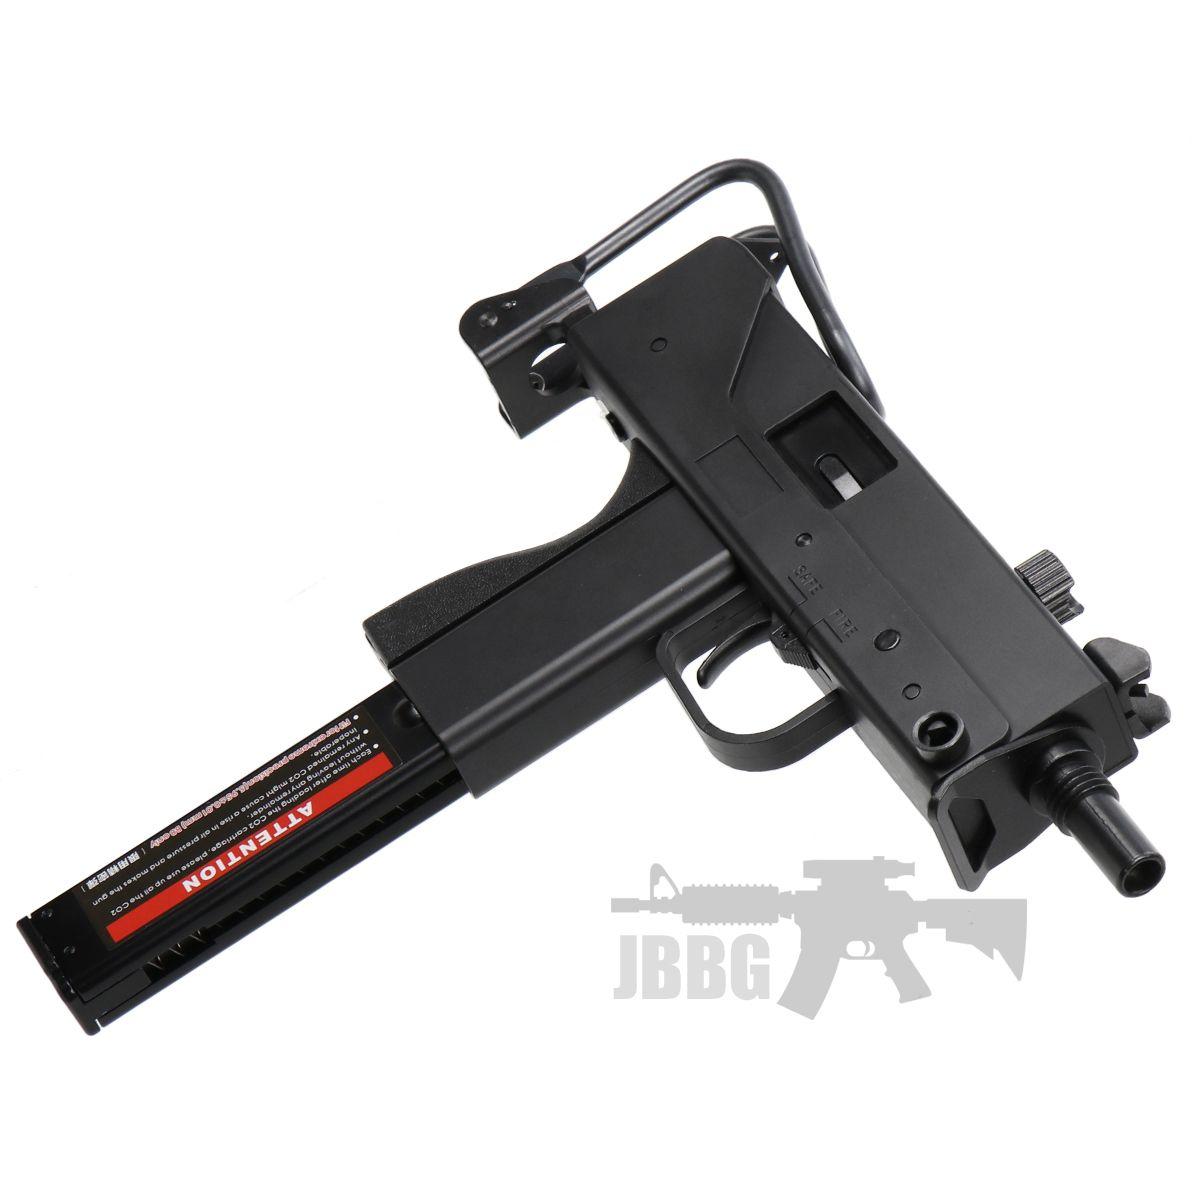 hg203 airsoft gun 9